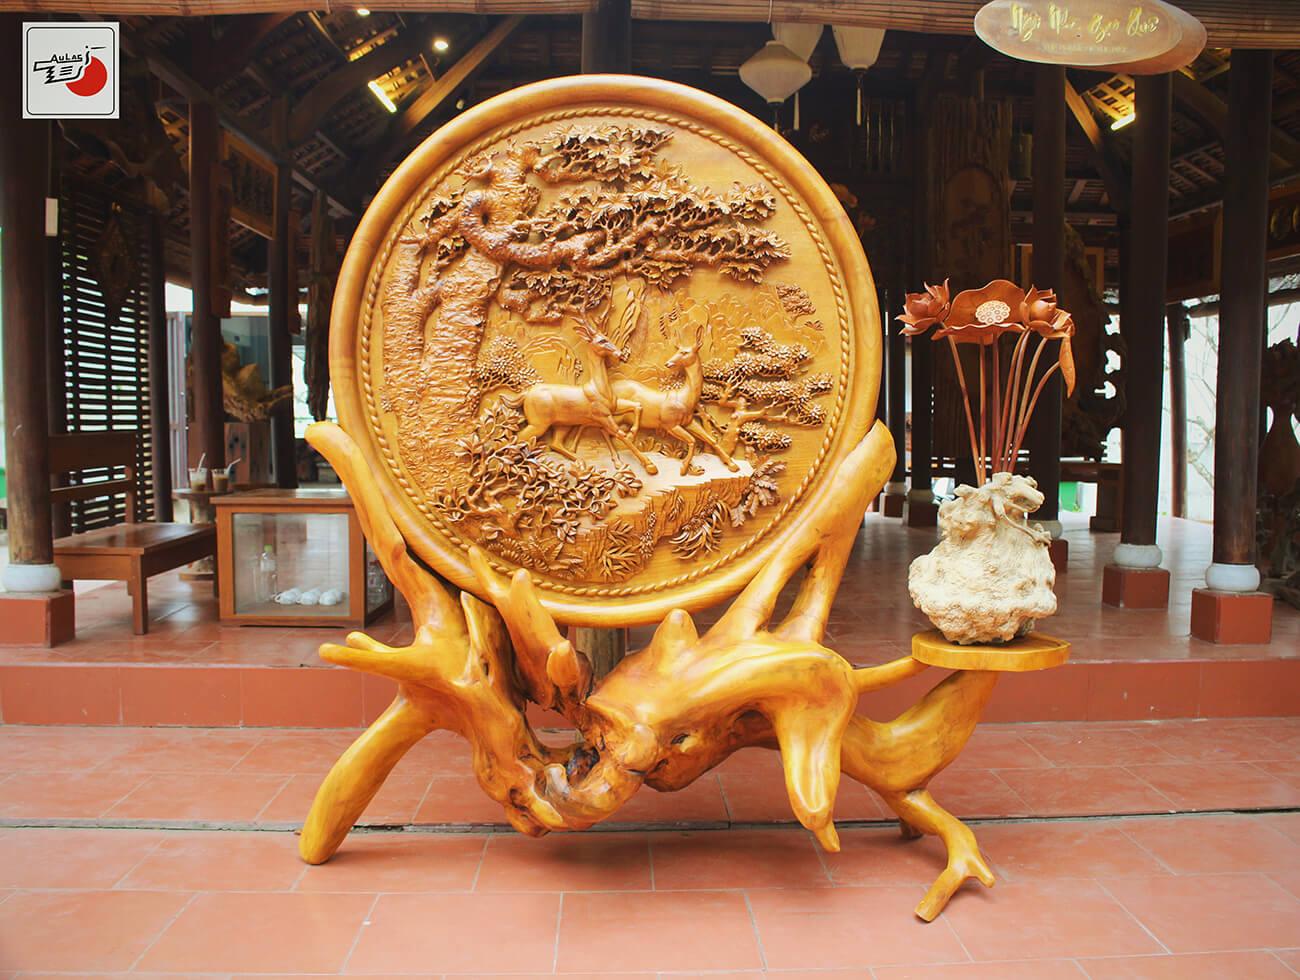 đĩa gỗ mỹ nghệ hươu nai